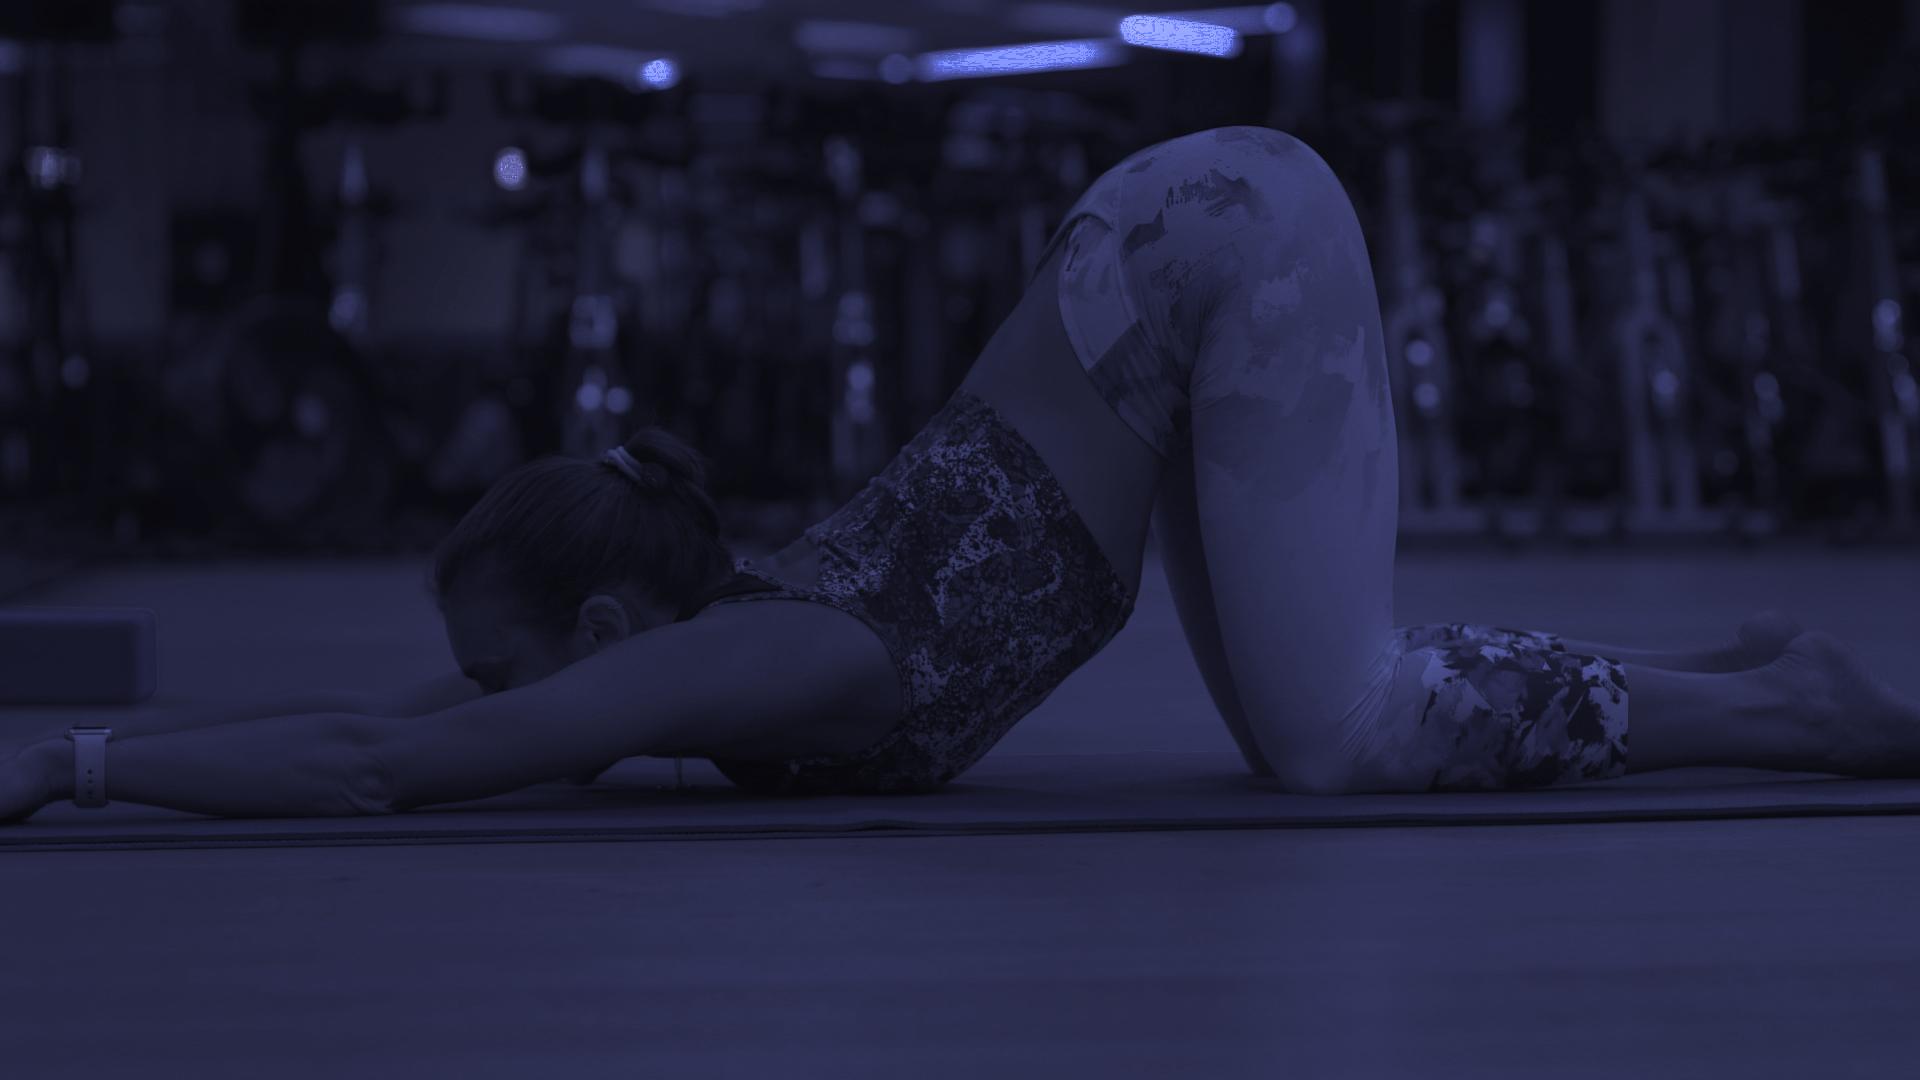 yoga-background-image